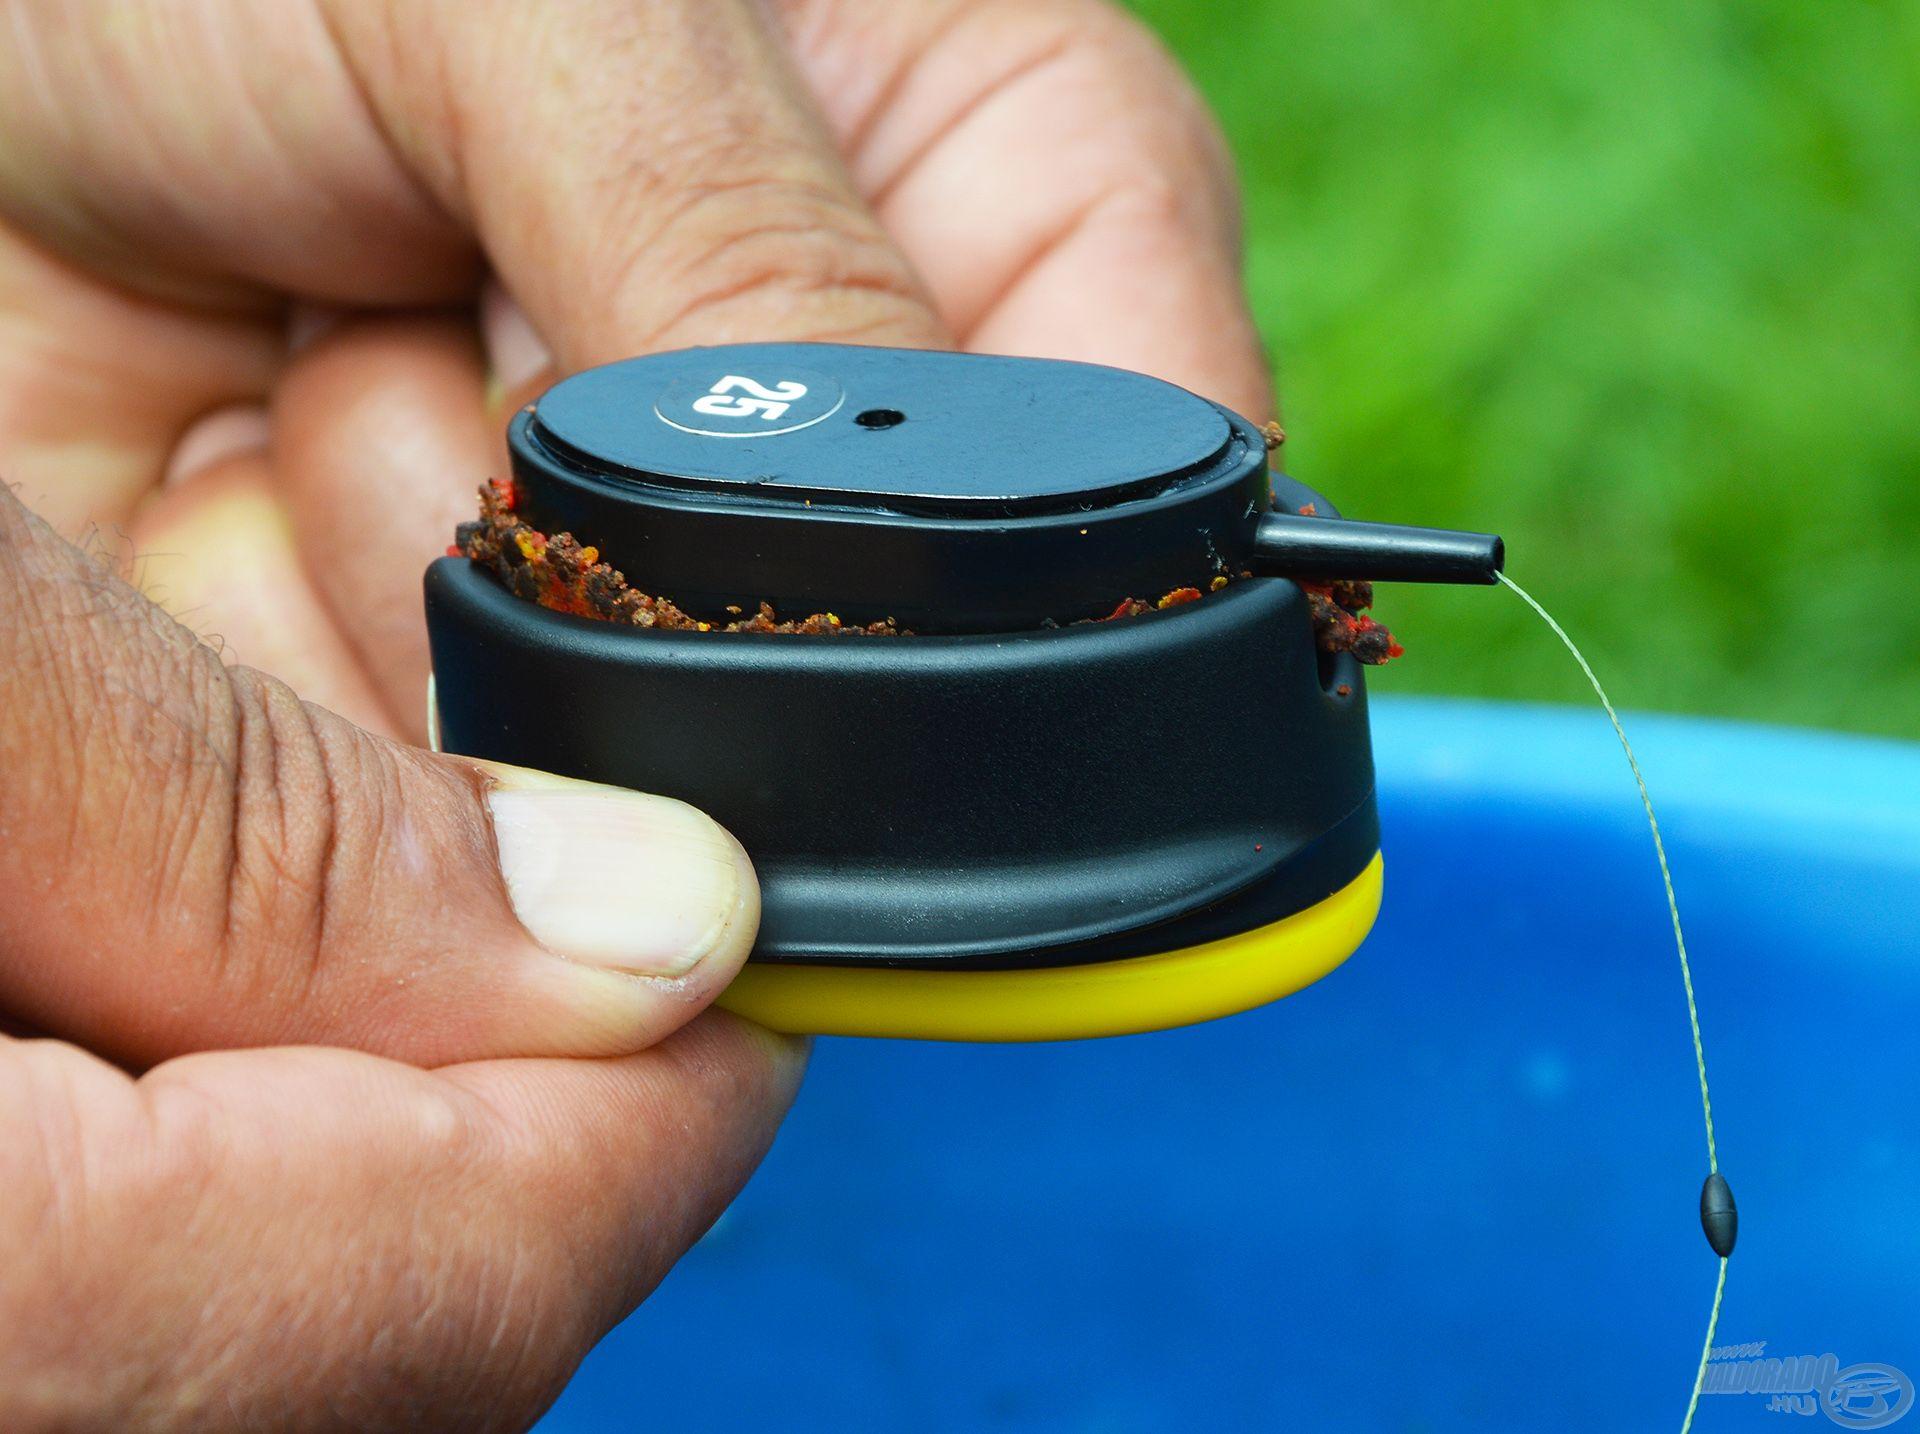 A töltőszerszám kiszélesedő oldalát nyomjuk le és a kosár kiemelkedik a formából!